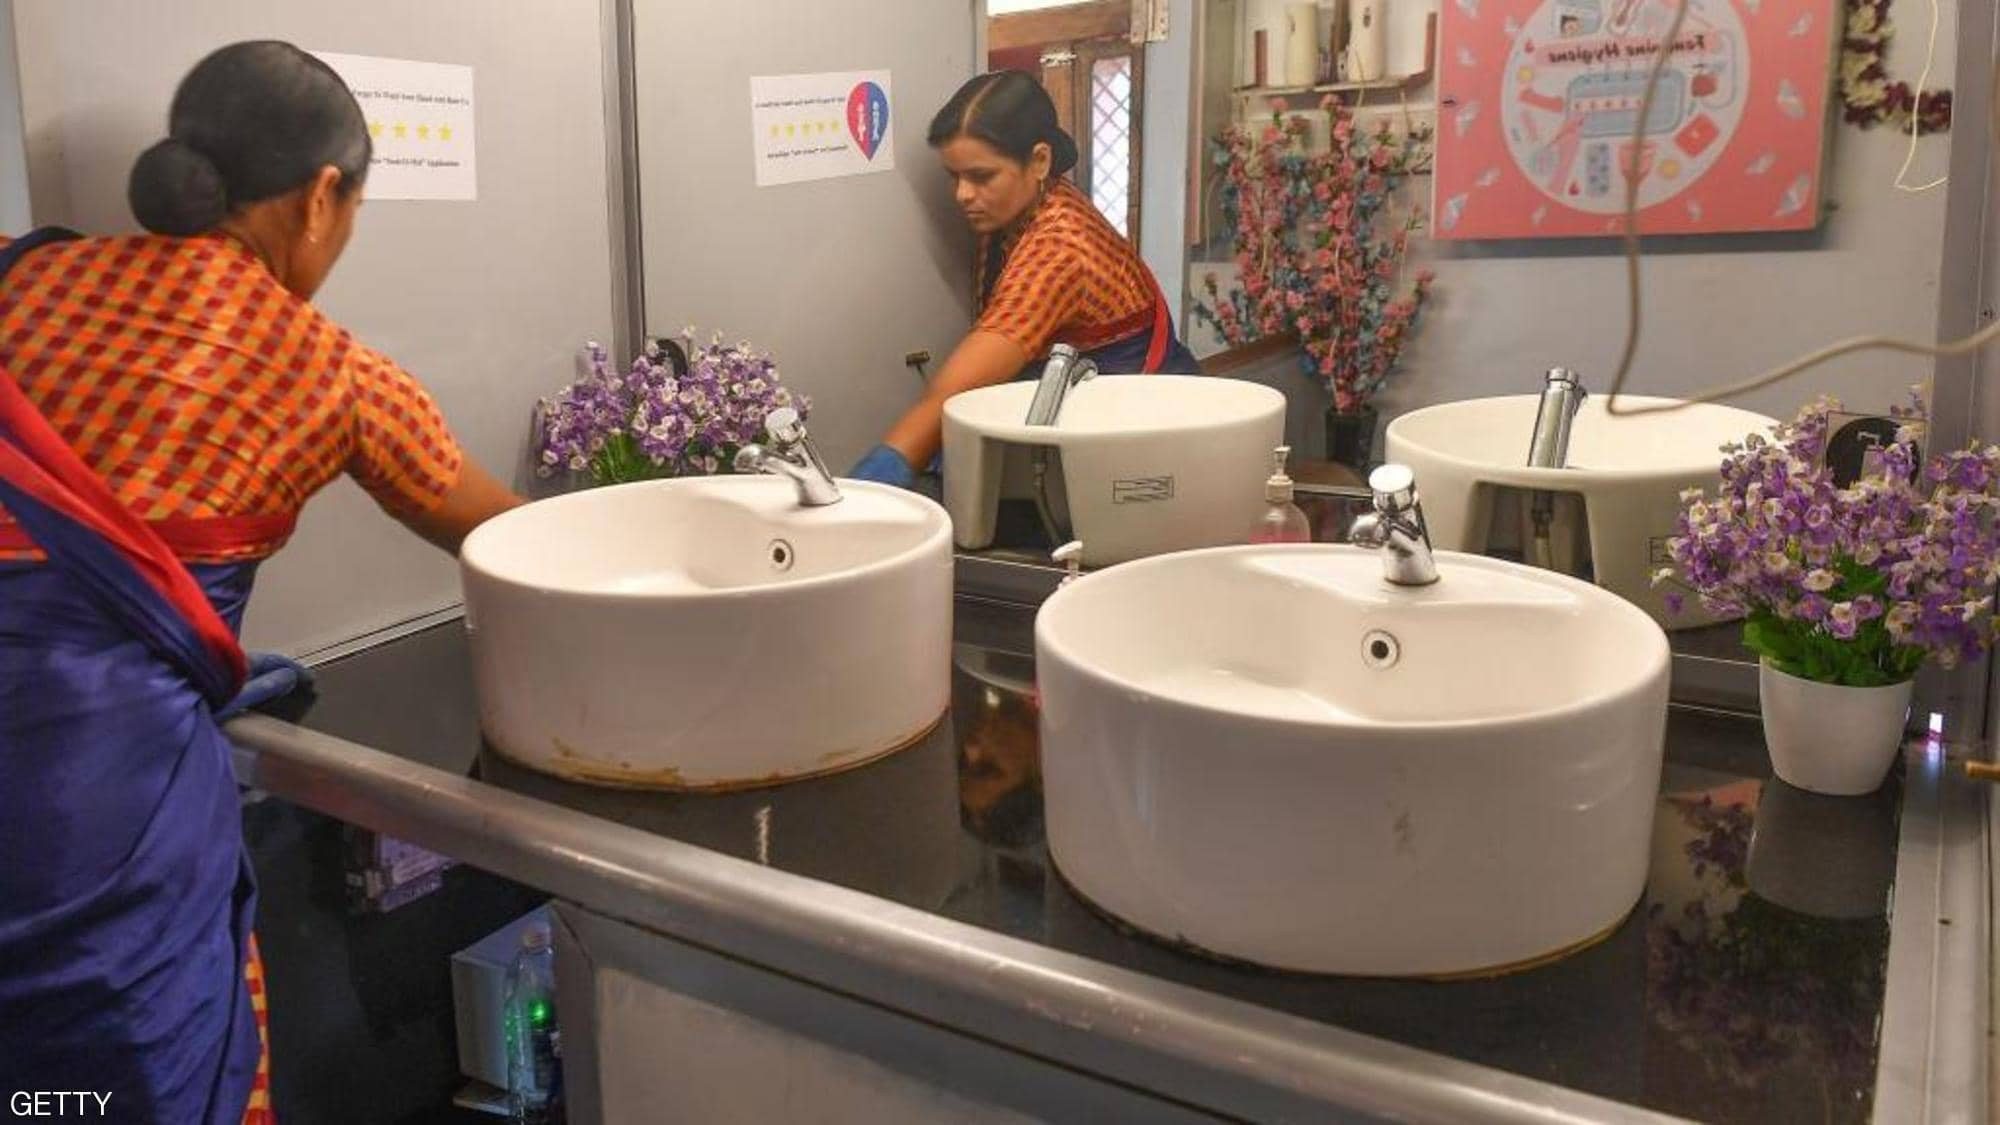 مراحيض للنساء فى الأتوبيسات القديمة بالشوارع